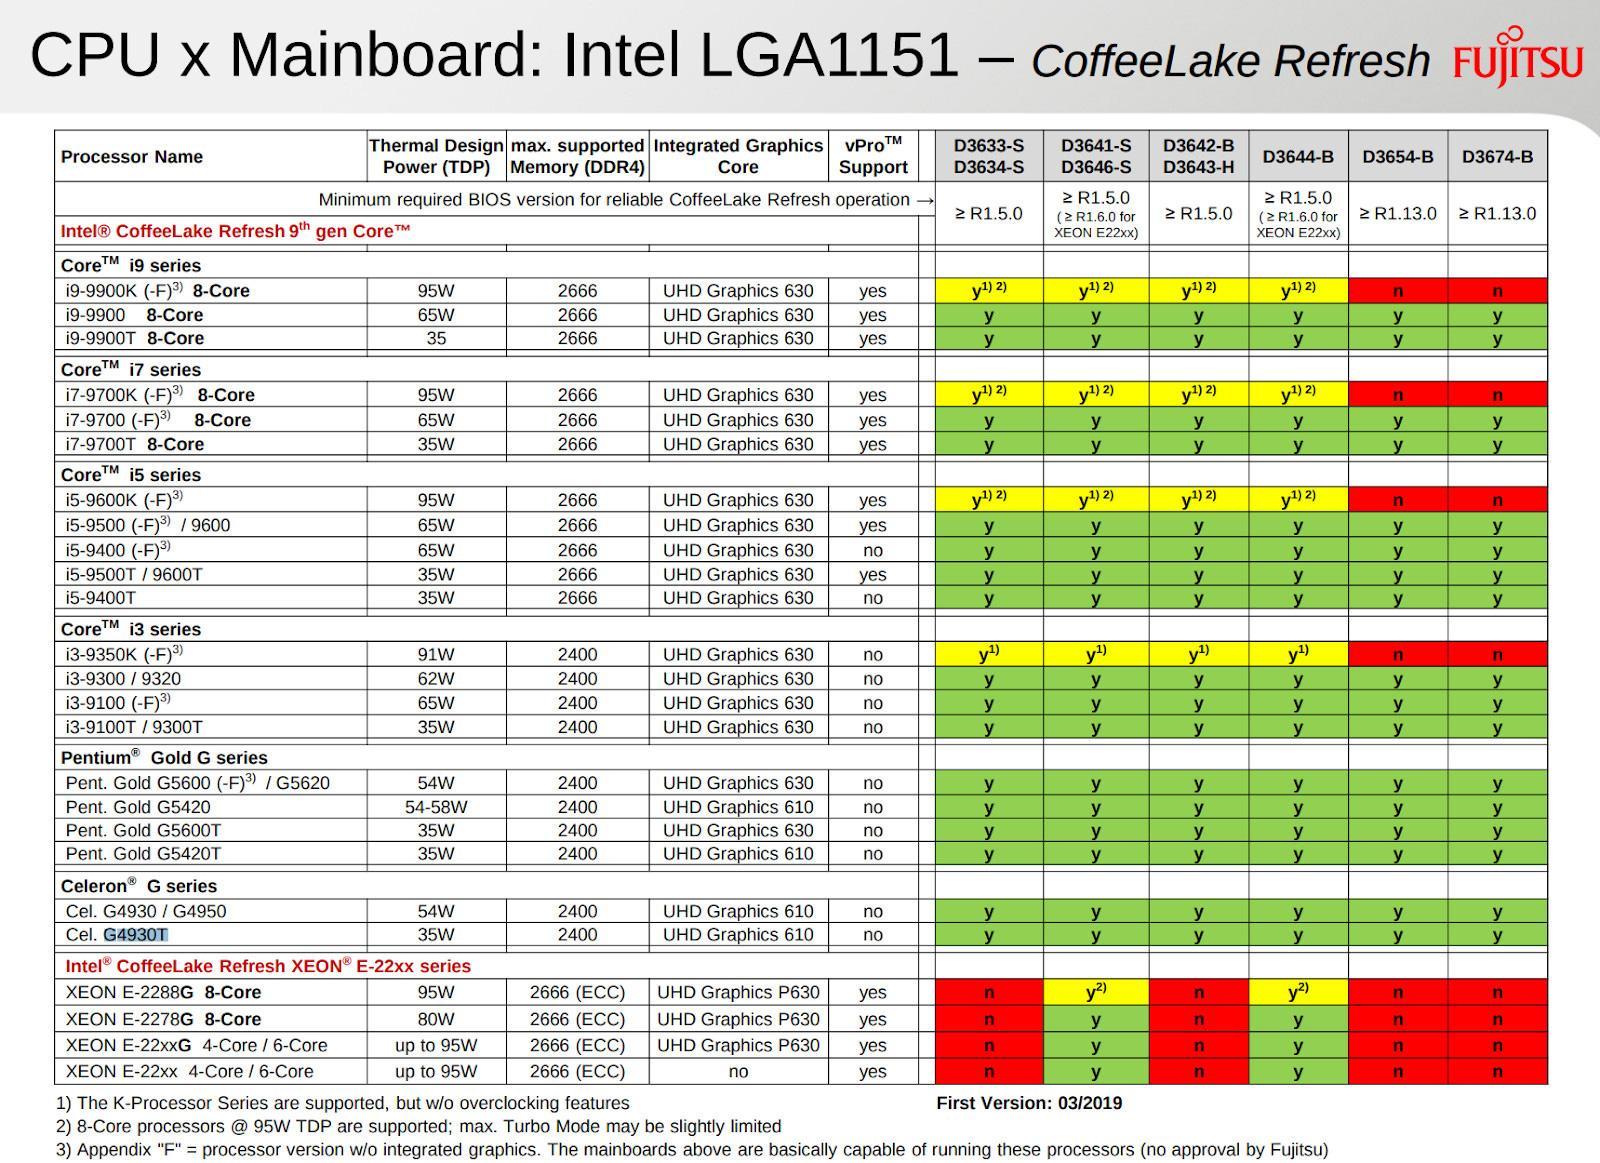 Intel готовит процессоры Coffee Lake Refresh на новом степпинге. У ASUS уже готовы обновленные BIOS